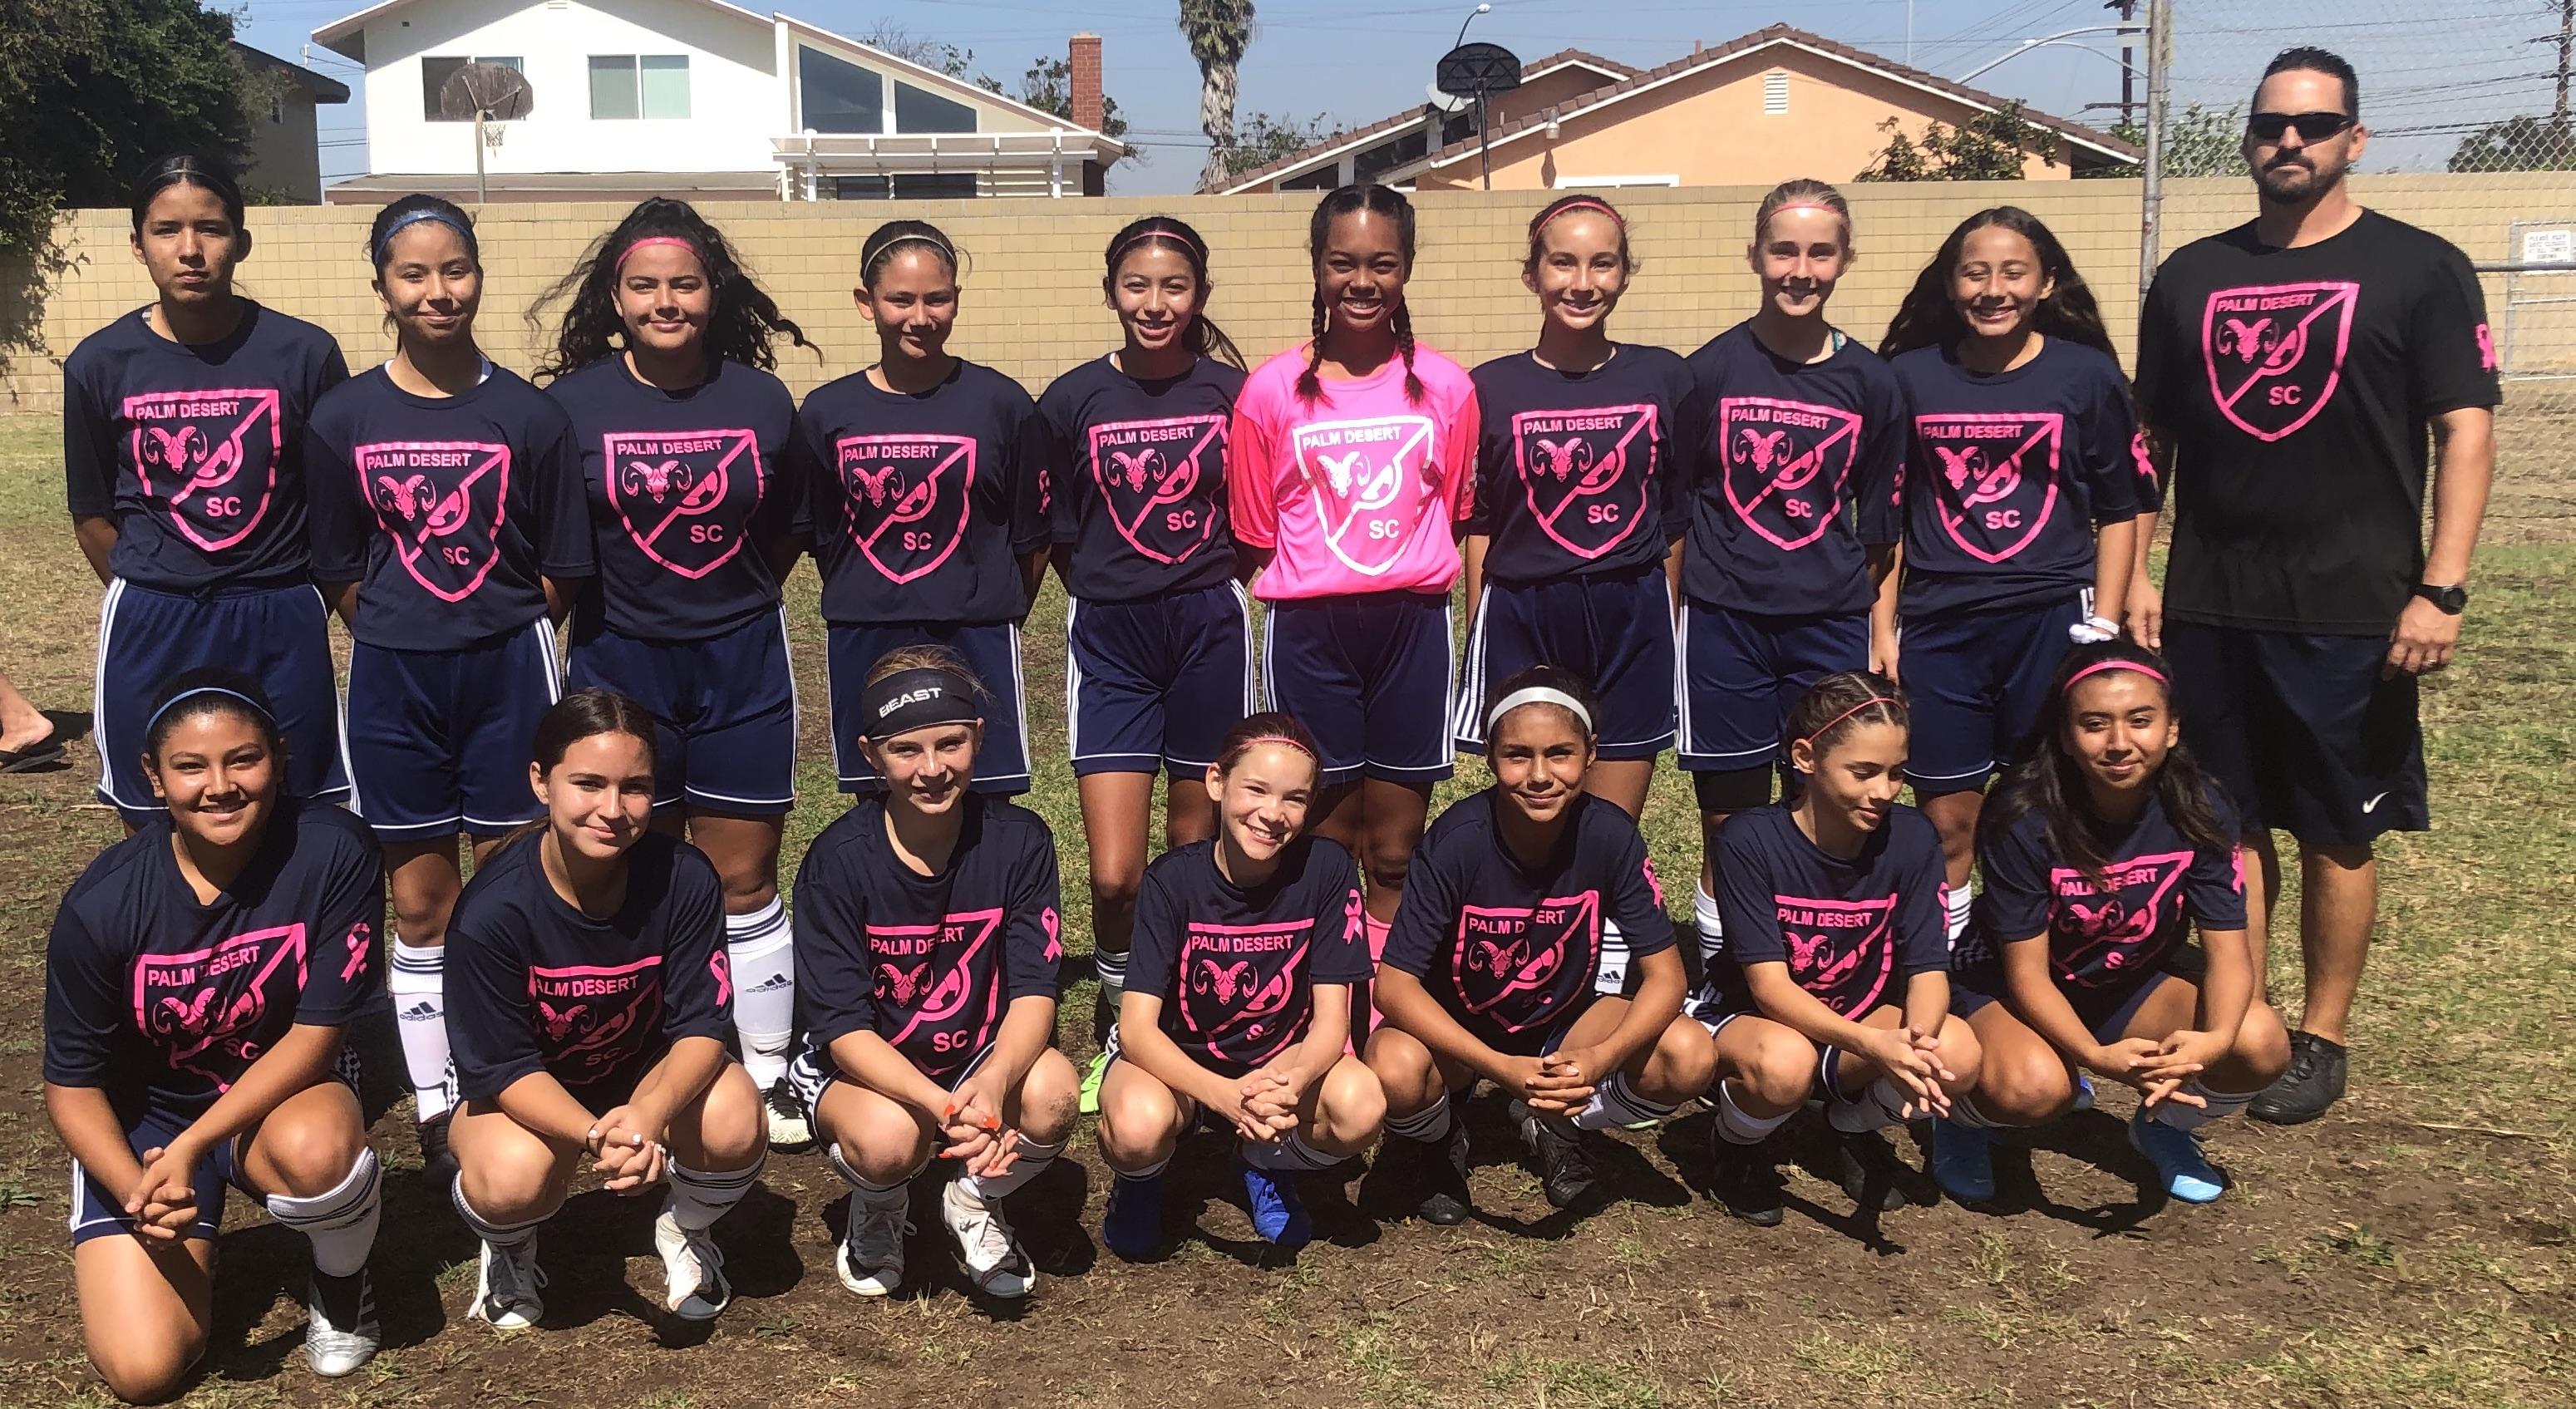 Palm Desert Soccer Club girls team